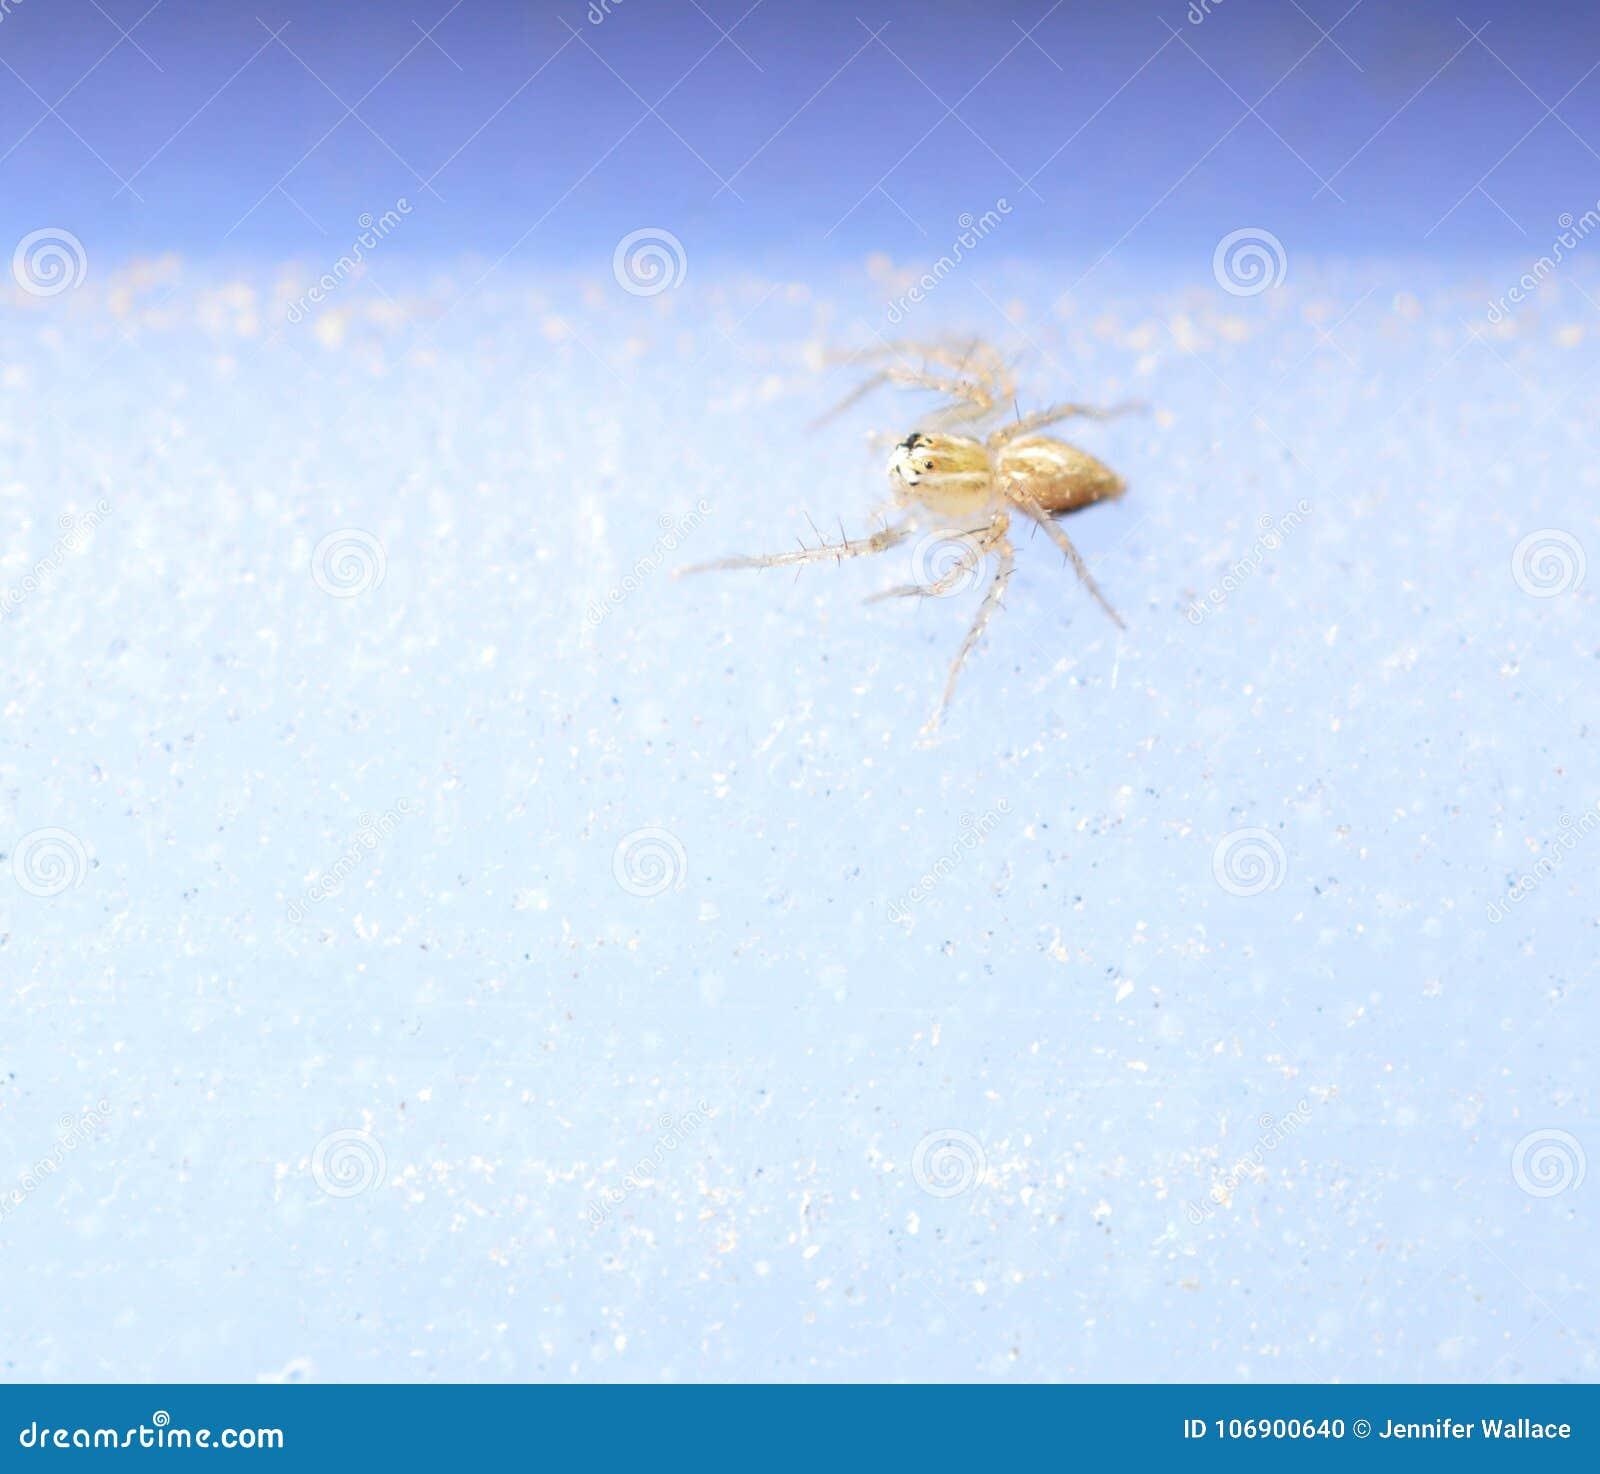 Dziecko Tęsk iść na piechotę Sac pająka na białym i błękitnym tle